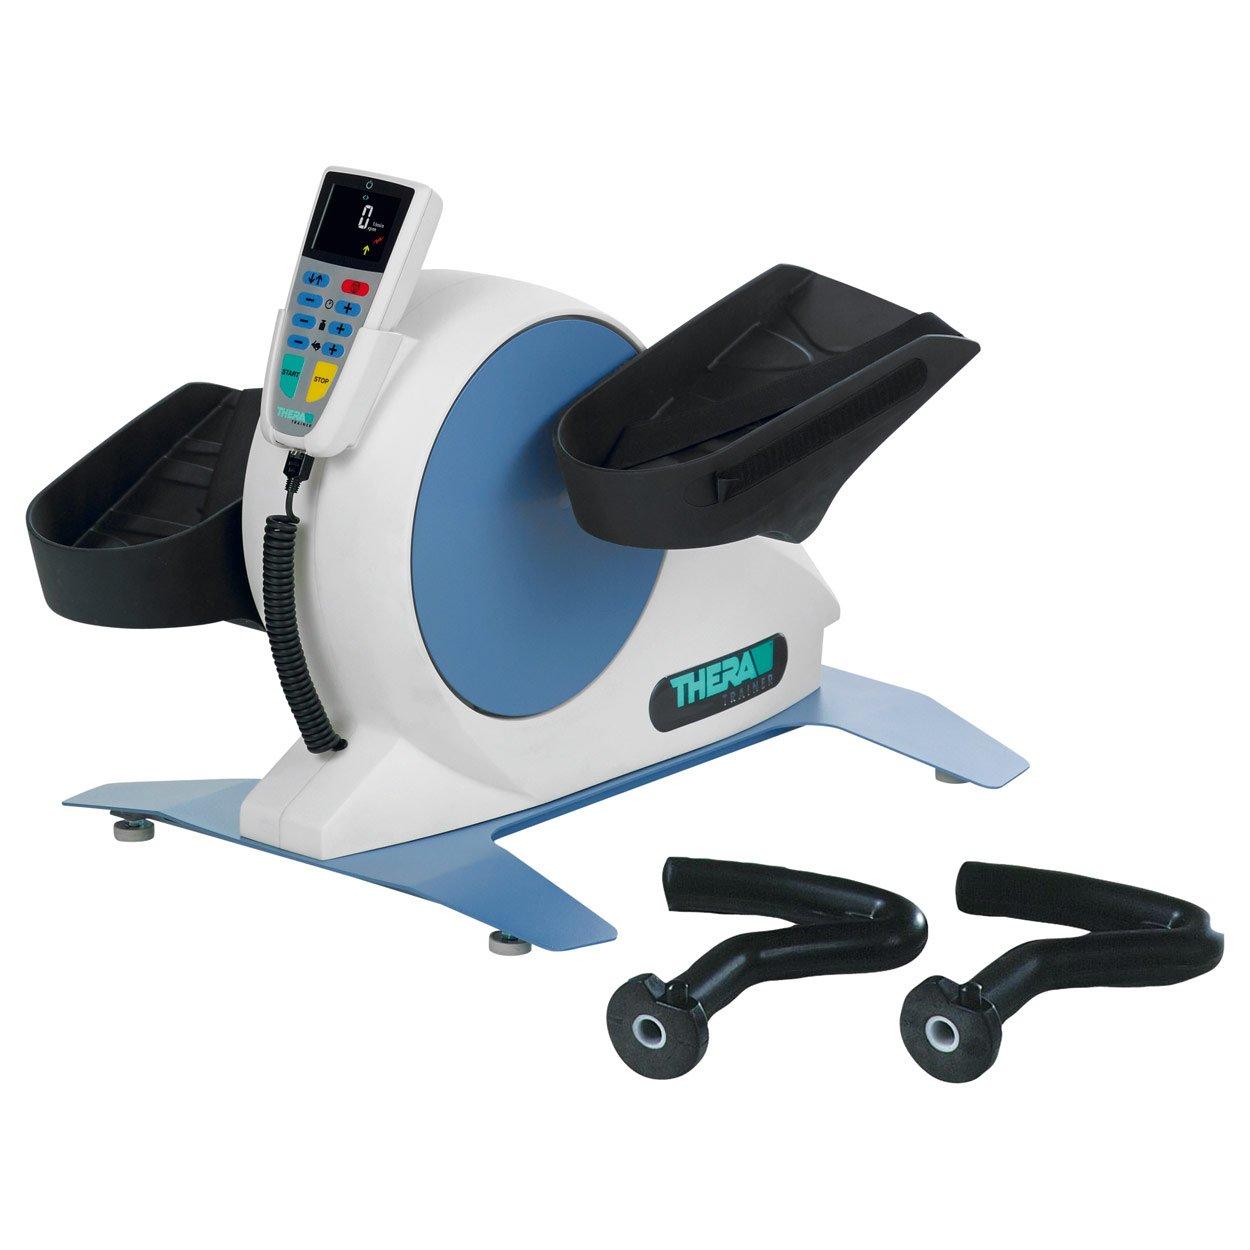 THERA-Trainer Bein- und Oberkörpertrainer mobi 540